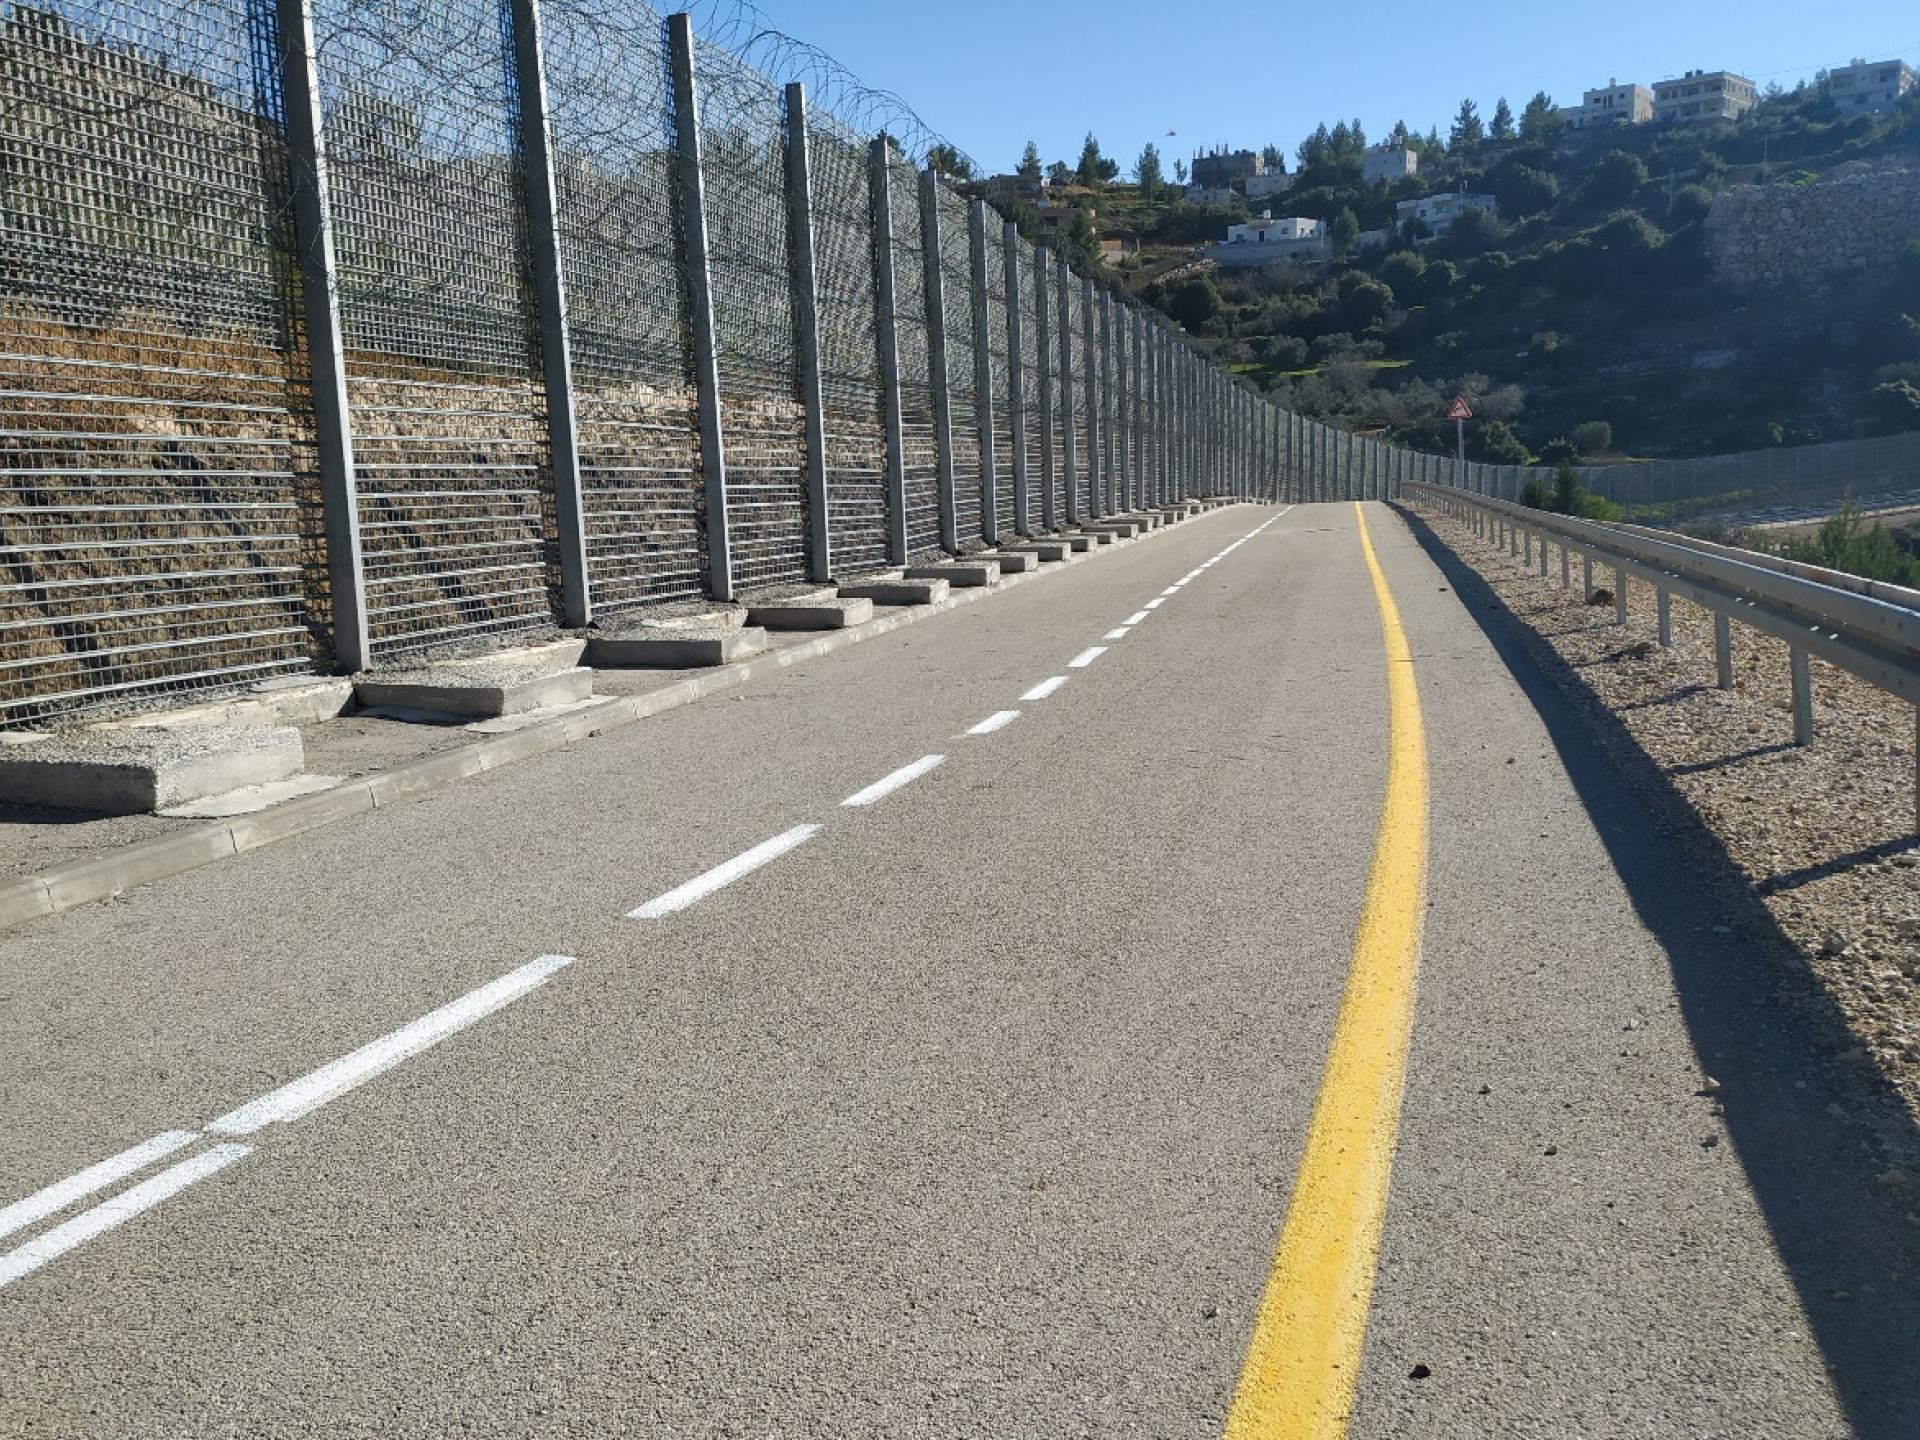 החומה המפרידה בין בתי הכפר ואלאג'ה לאדמות החקלאיות והמעינות שלו.